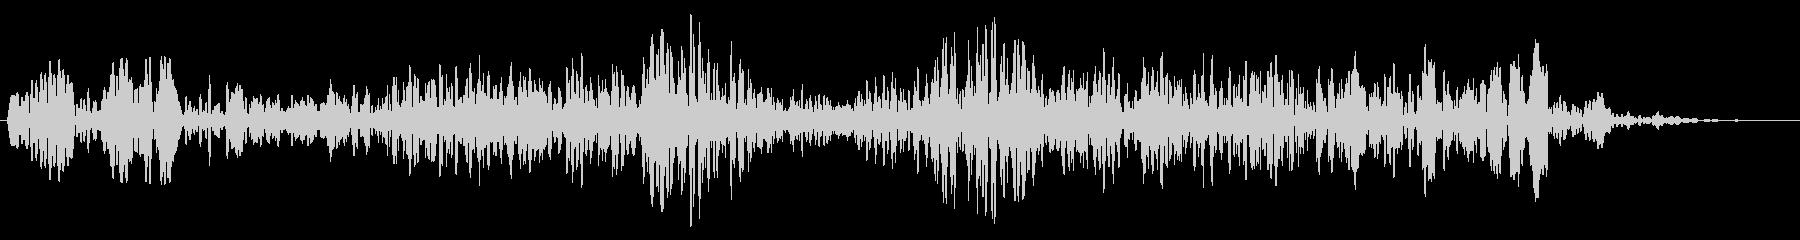 ゴーァシュアーン(通過音)の未再生の波形